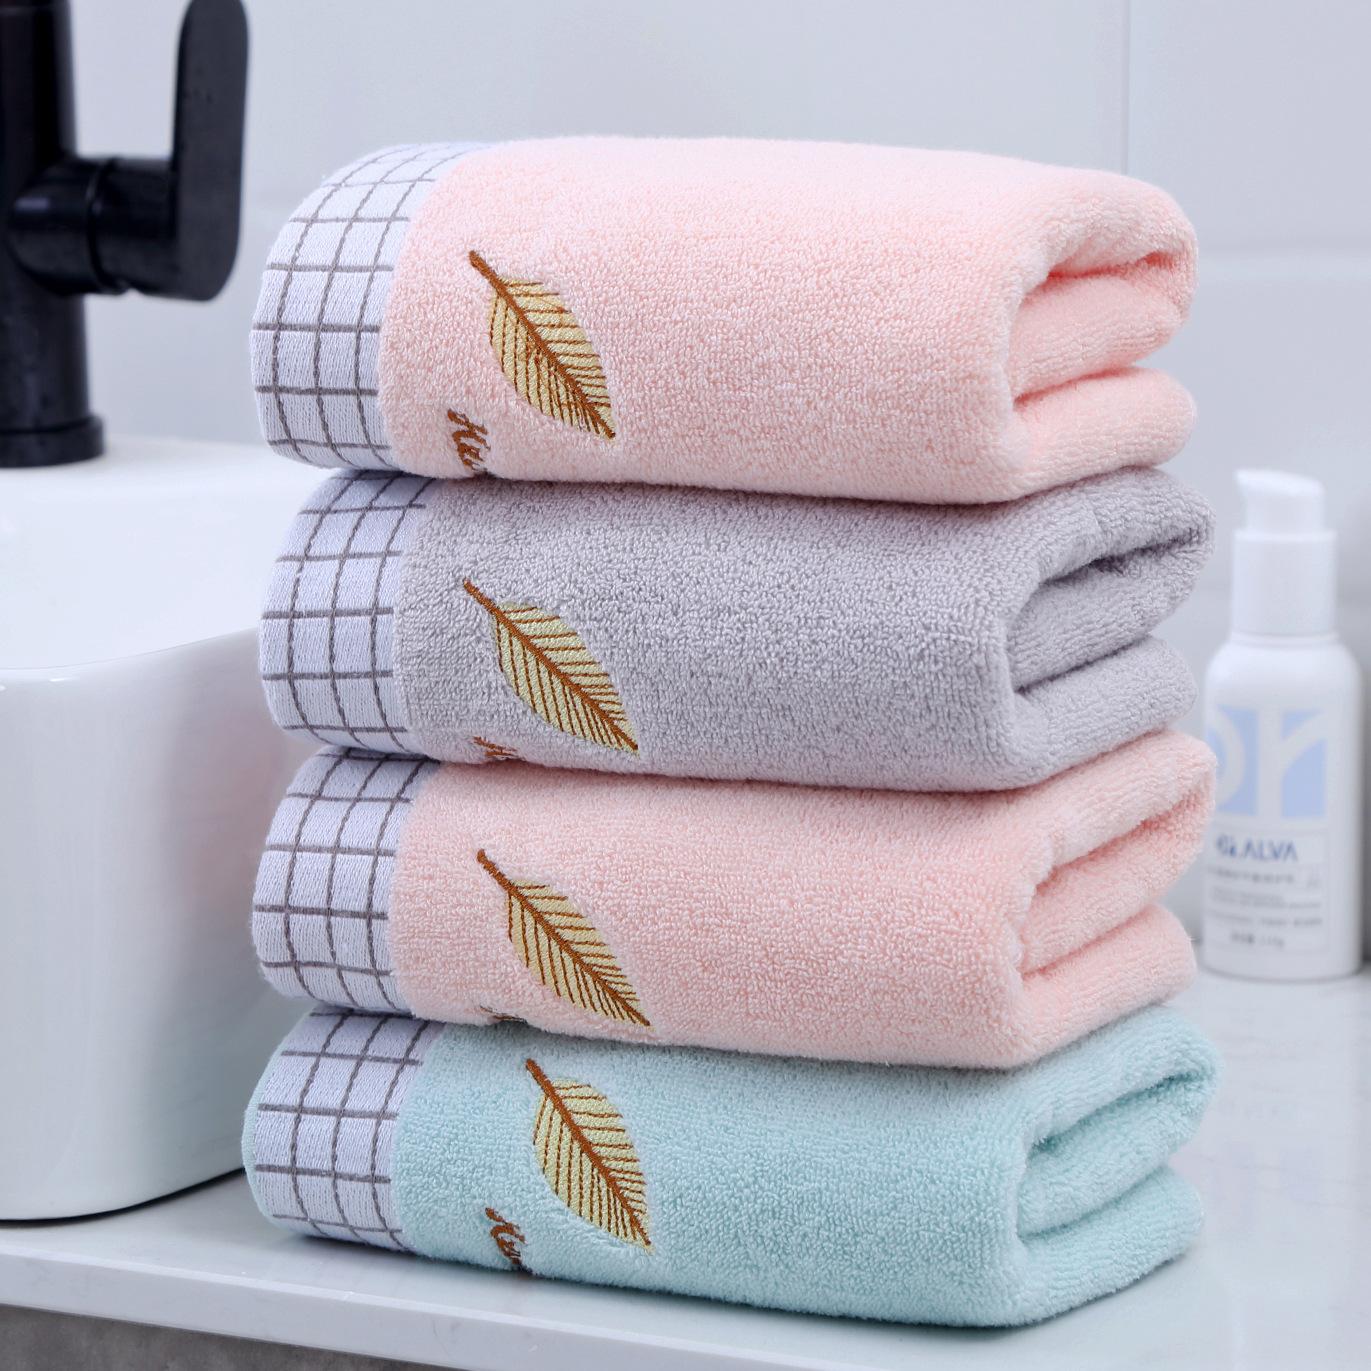 Lovevita Dệt may gia dụng Gaoyang cotton mặt rửa mặt hộ gia đình khăn mềm thấm nước dành cho người l